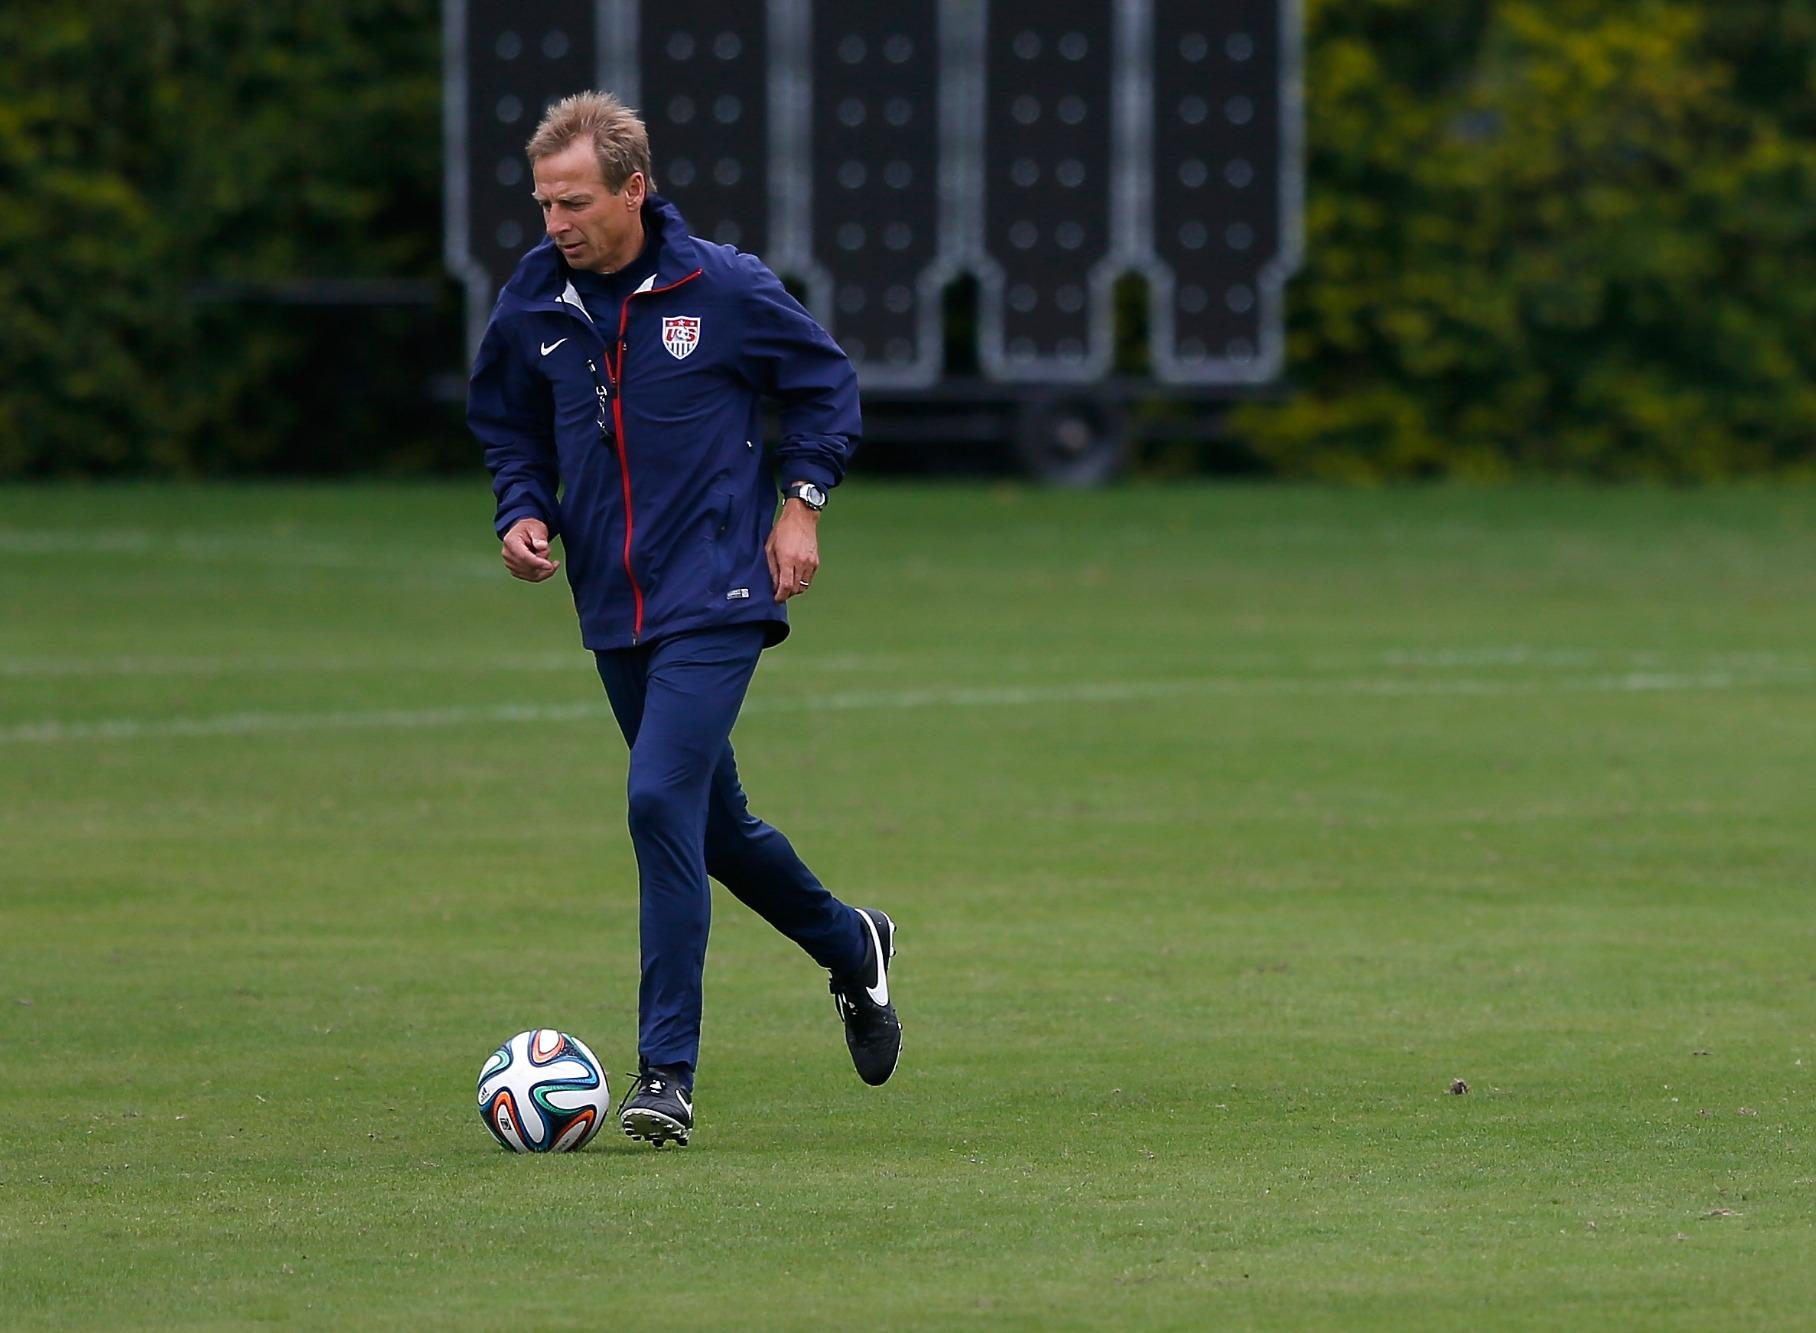 La historia de Jay Goppingen, el seudónimo que usó Jurgen Klinsmann para jugar fútbol amateur - Univisión